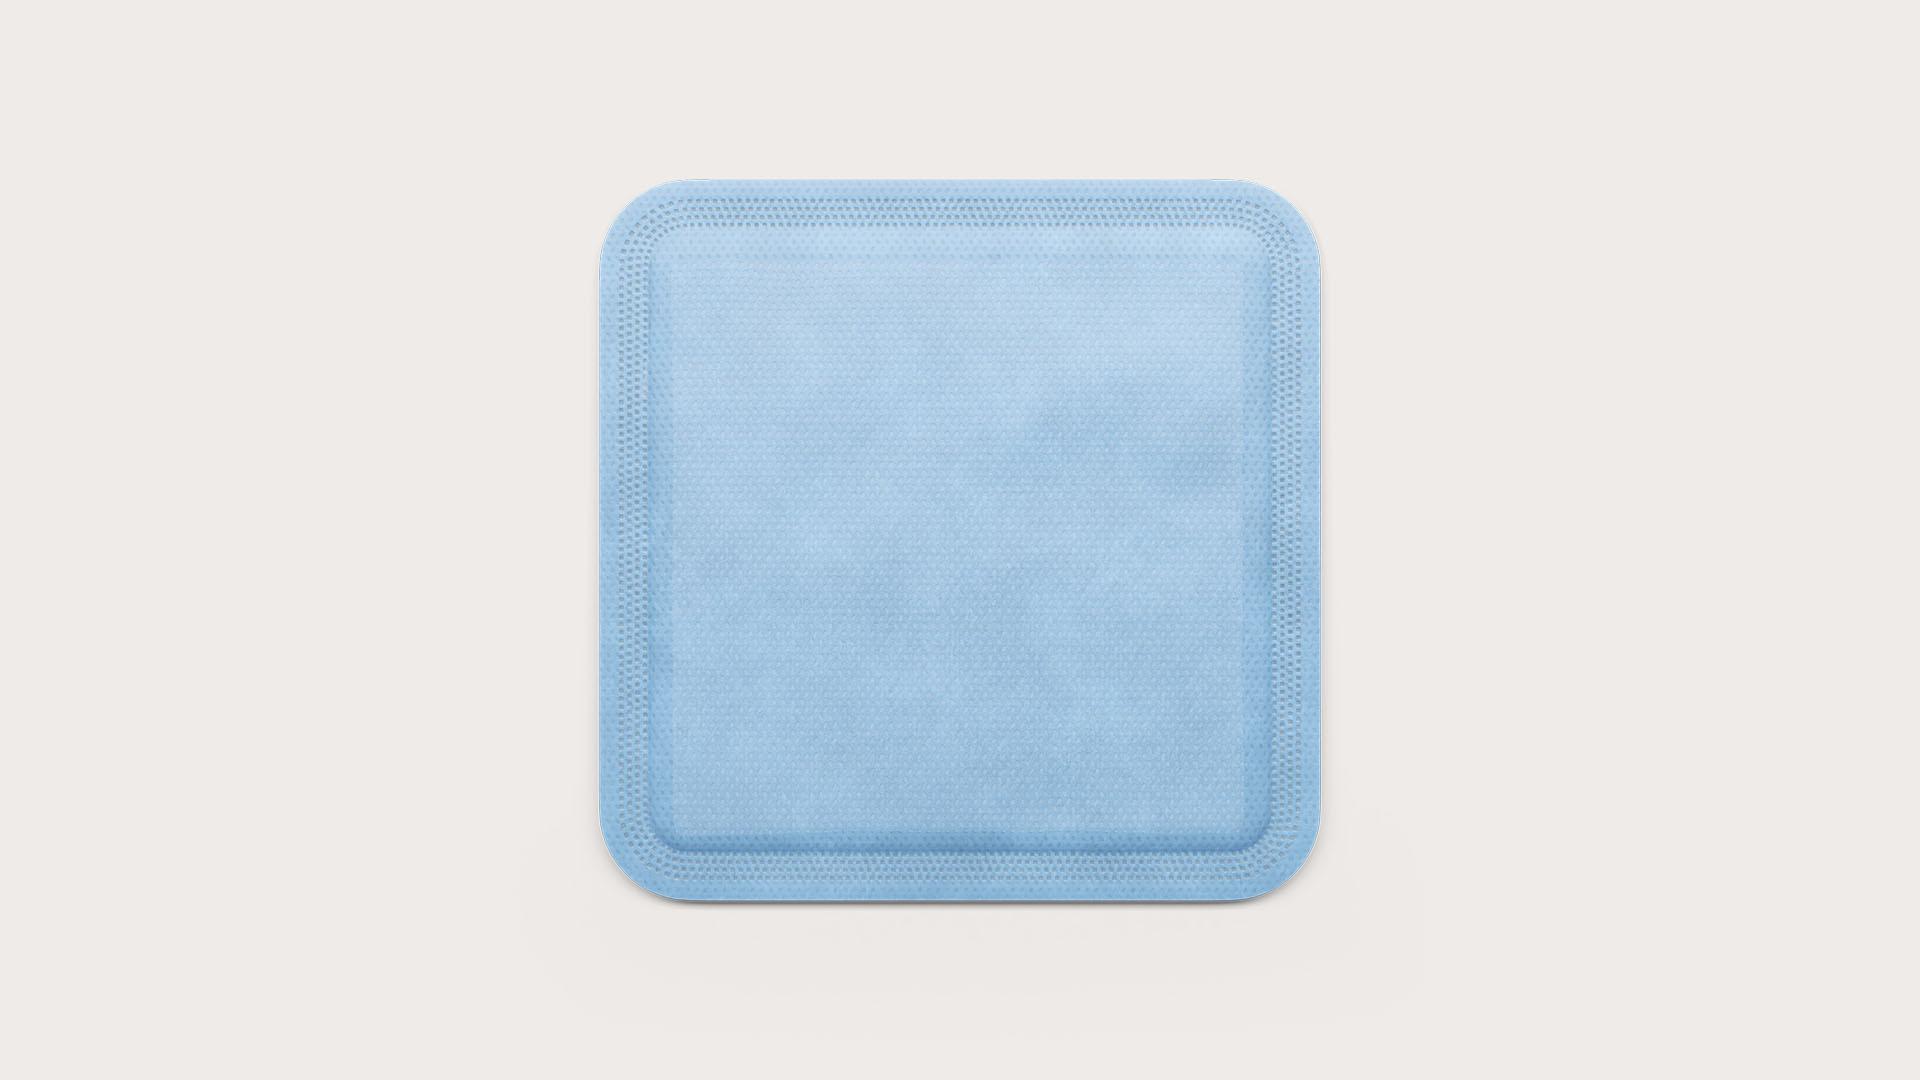 Mextra® Superabsorbent: 4˝ x 6˝ (10 x 15 cm), 10/box